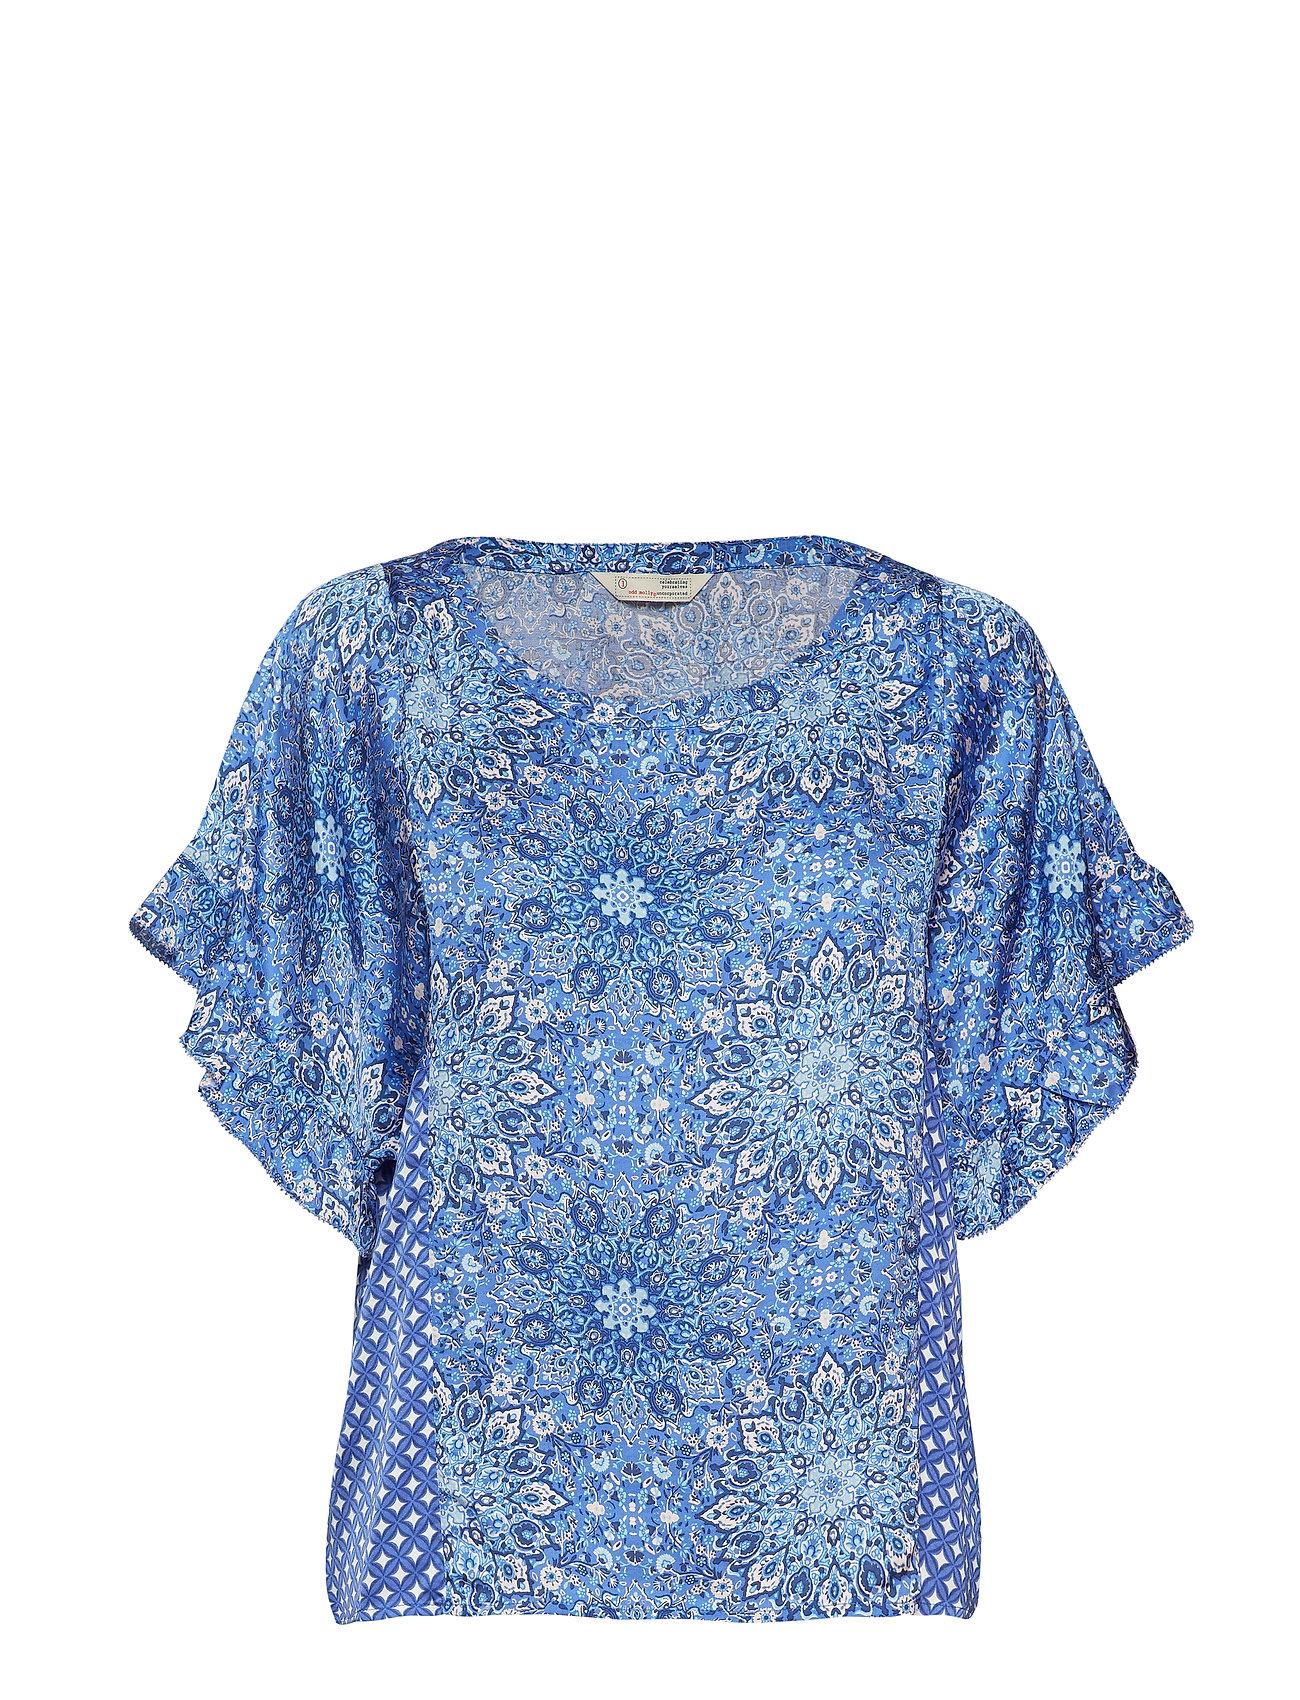 ODD MOLLY empowher blouse - SEA BLUE